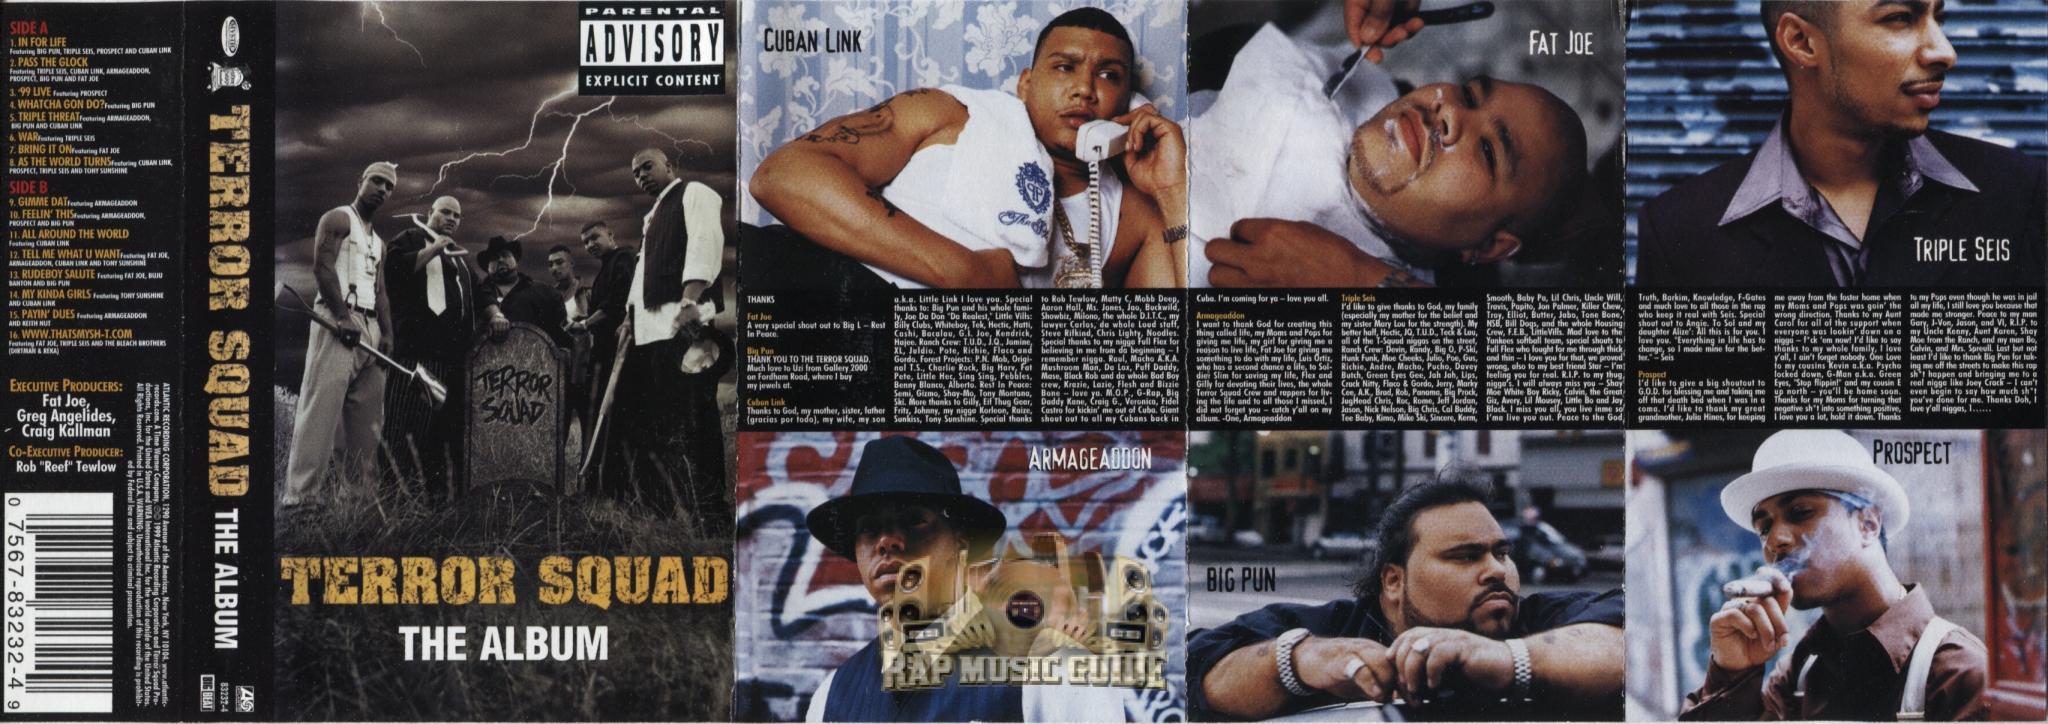 Terror Squad - The Album open.jpg